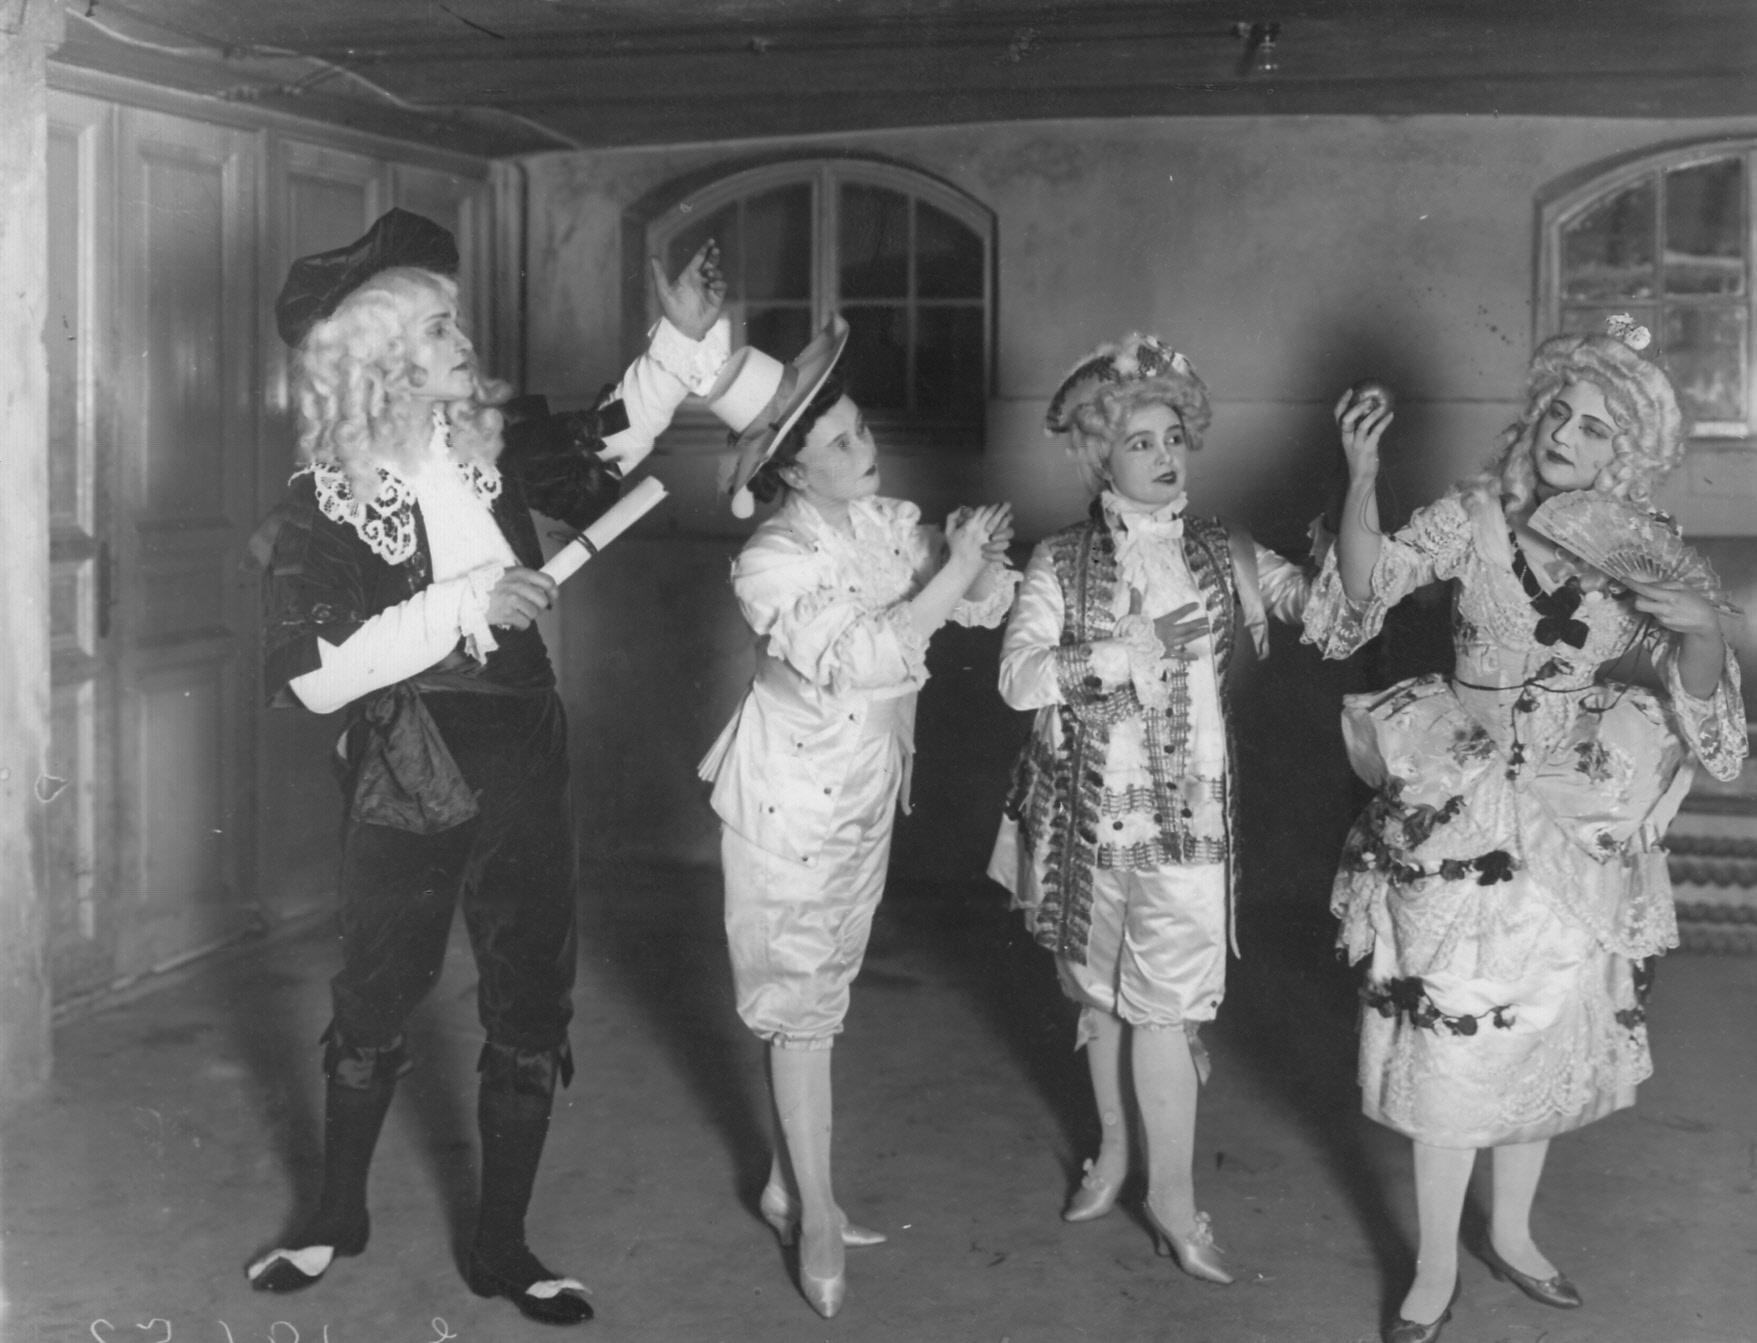 1908. Спектакль «Любовь в веках» по миниатюре Н. А. Тэффи.  Сцена - XVIII век